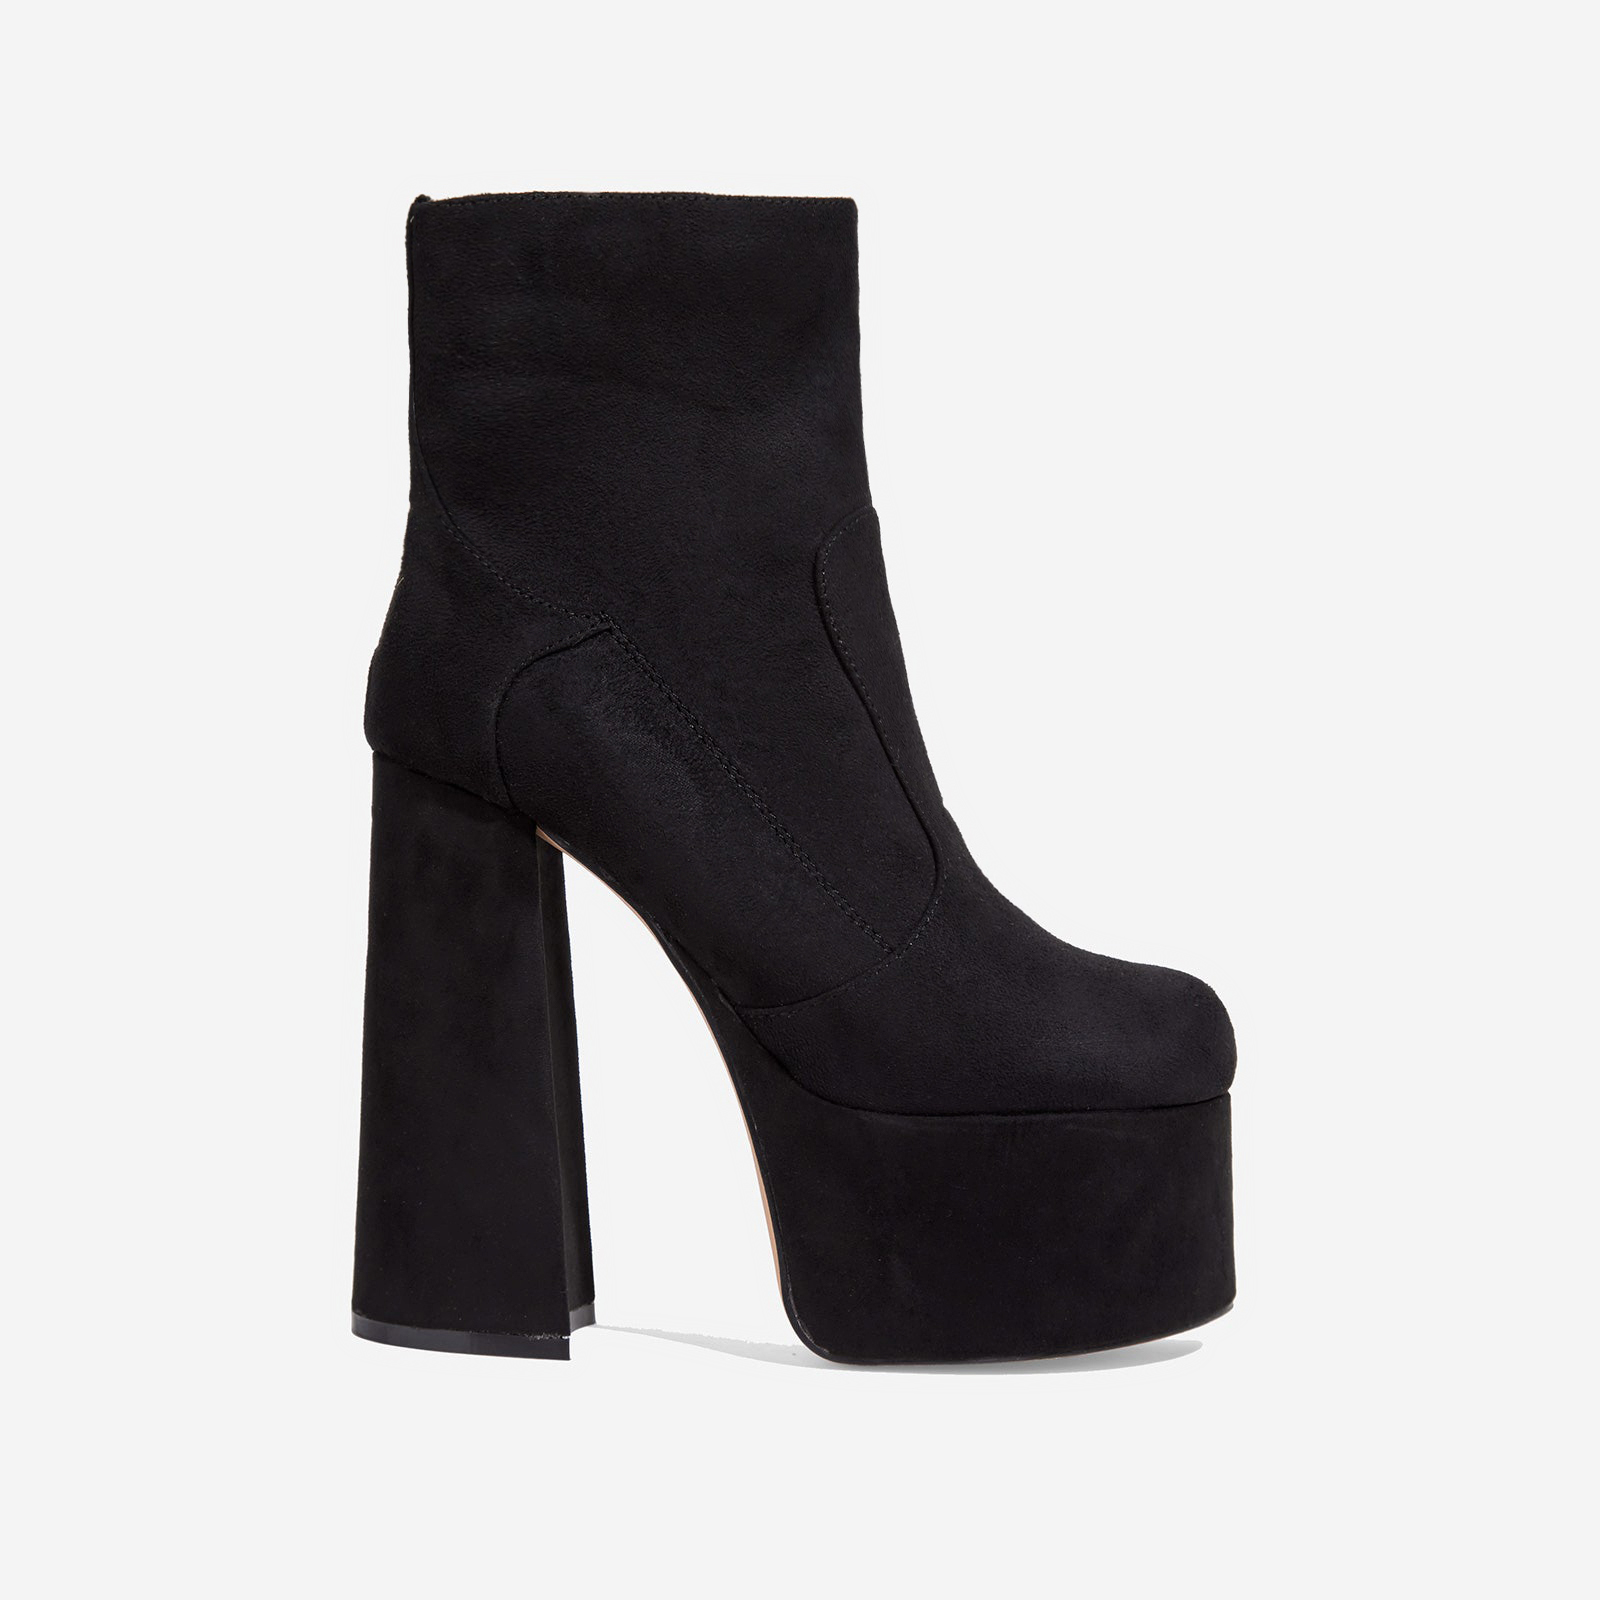 Steal Platform Block Heel Ankle Boot In Black Faux Suede